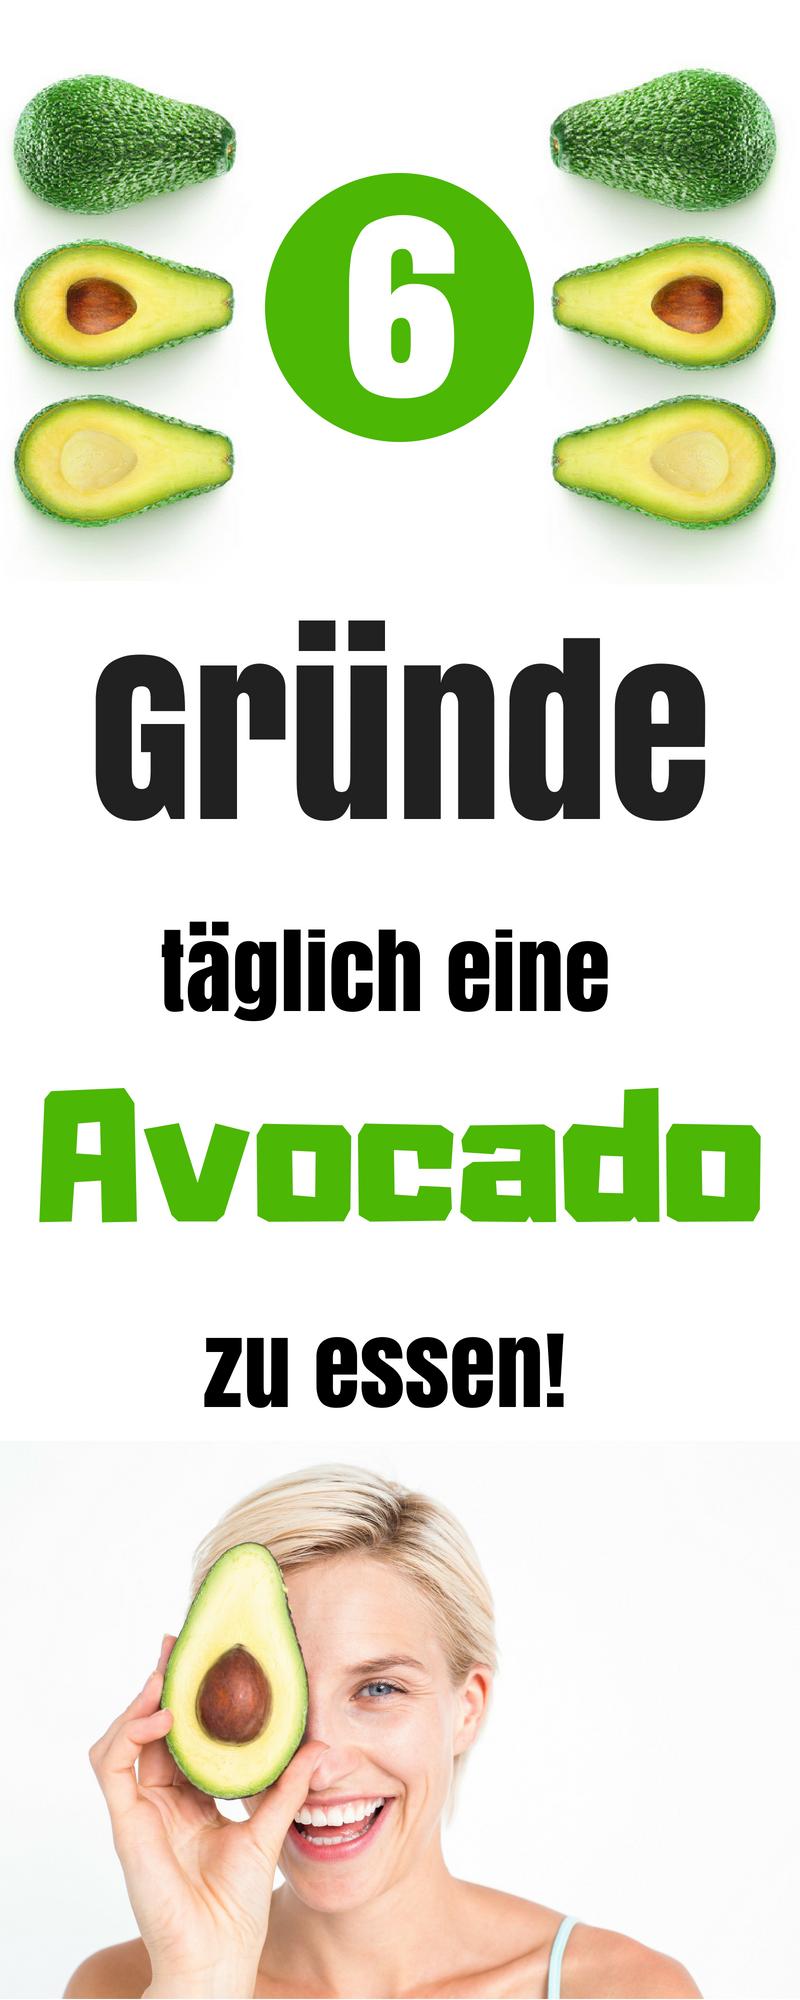 abnehmen mit avocado avocado rezept avocado pflanzen avocado gesund avocado gesundheit. Black Bedroom Furniture Sets. Home Design Ideas